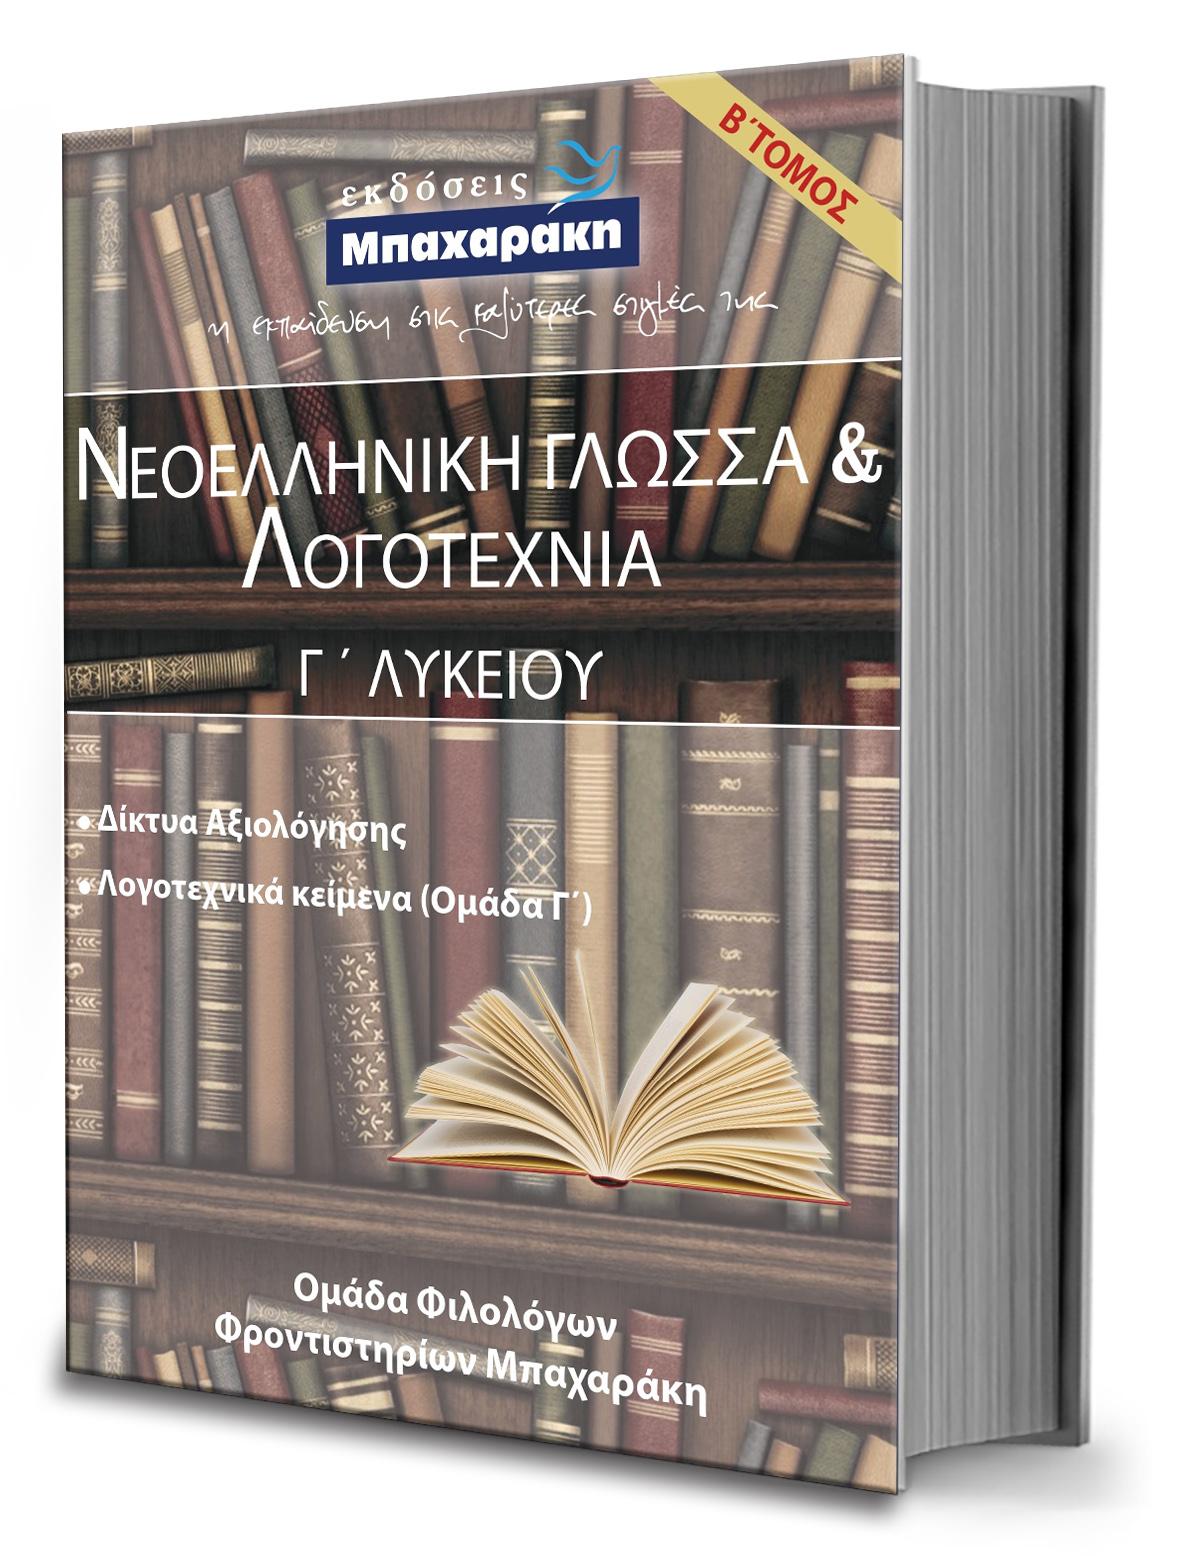 Εκδόσεις Μπαχαράκη: Βίβλίο με τίτλο: ΝΕΟΕΛΛΗΝΙΚΗ ΓΛΩΣΣΑ & ΛΟΓΟΤΕΧΝΙΑ Γ' Λυκείου, 2ος τόμος